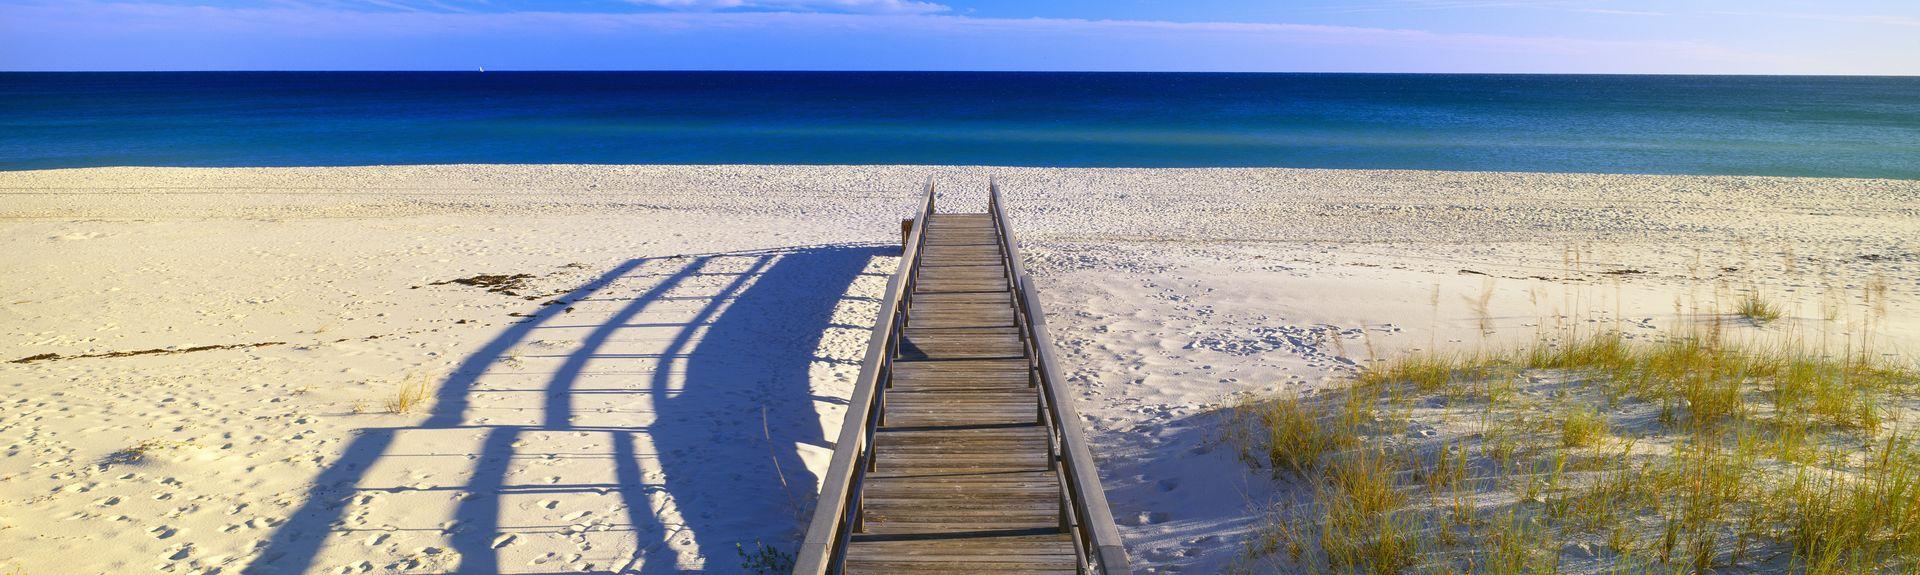 Île Santa Rosa, Floride, États-Unis d'Amérique